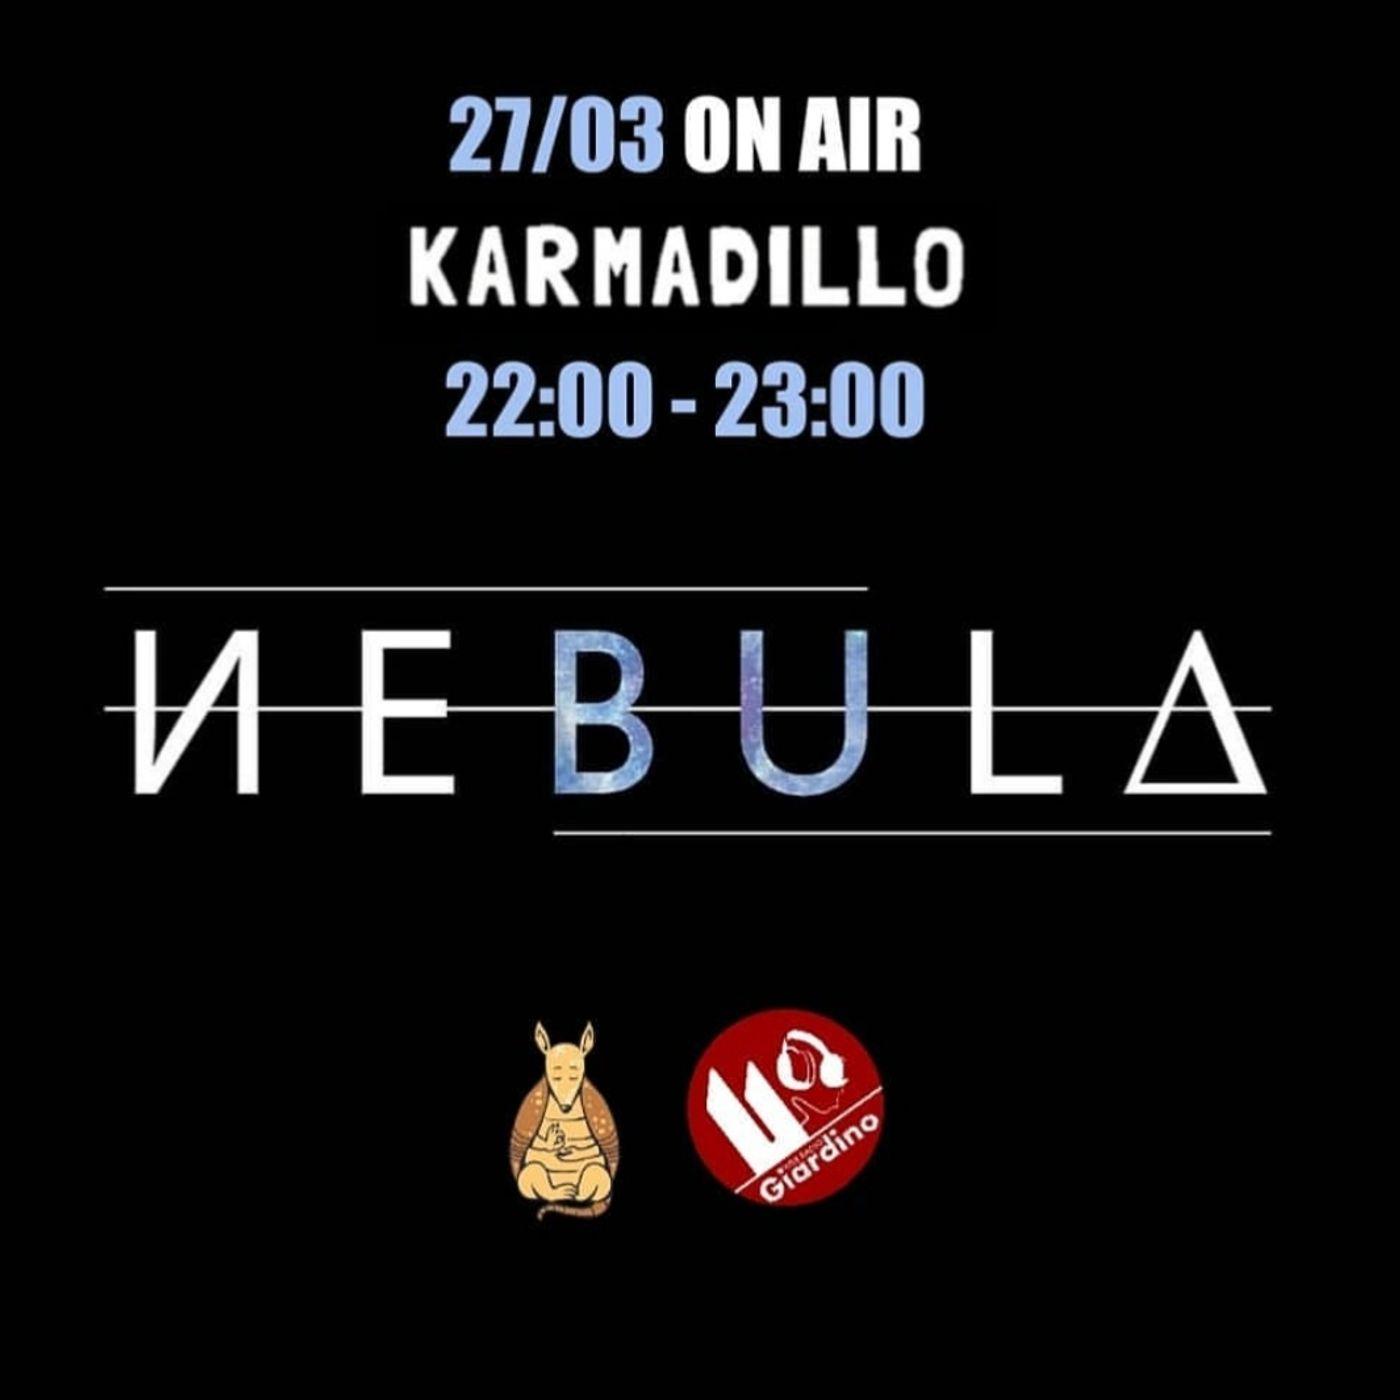 NEBULA: inediti in italiano e sonorità ambient/alternative rock - Karmadillo - s02e24